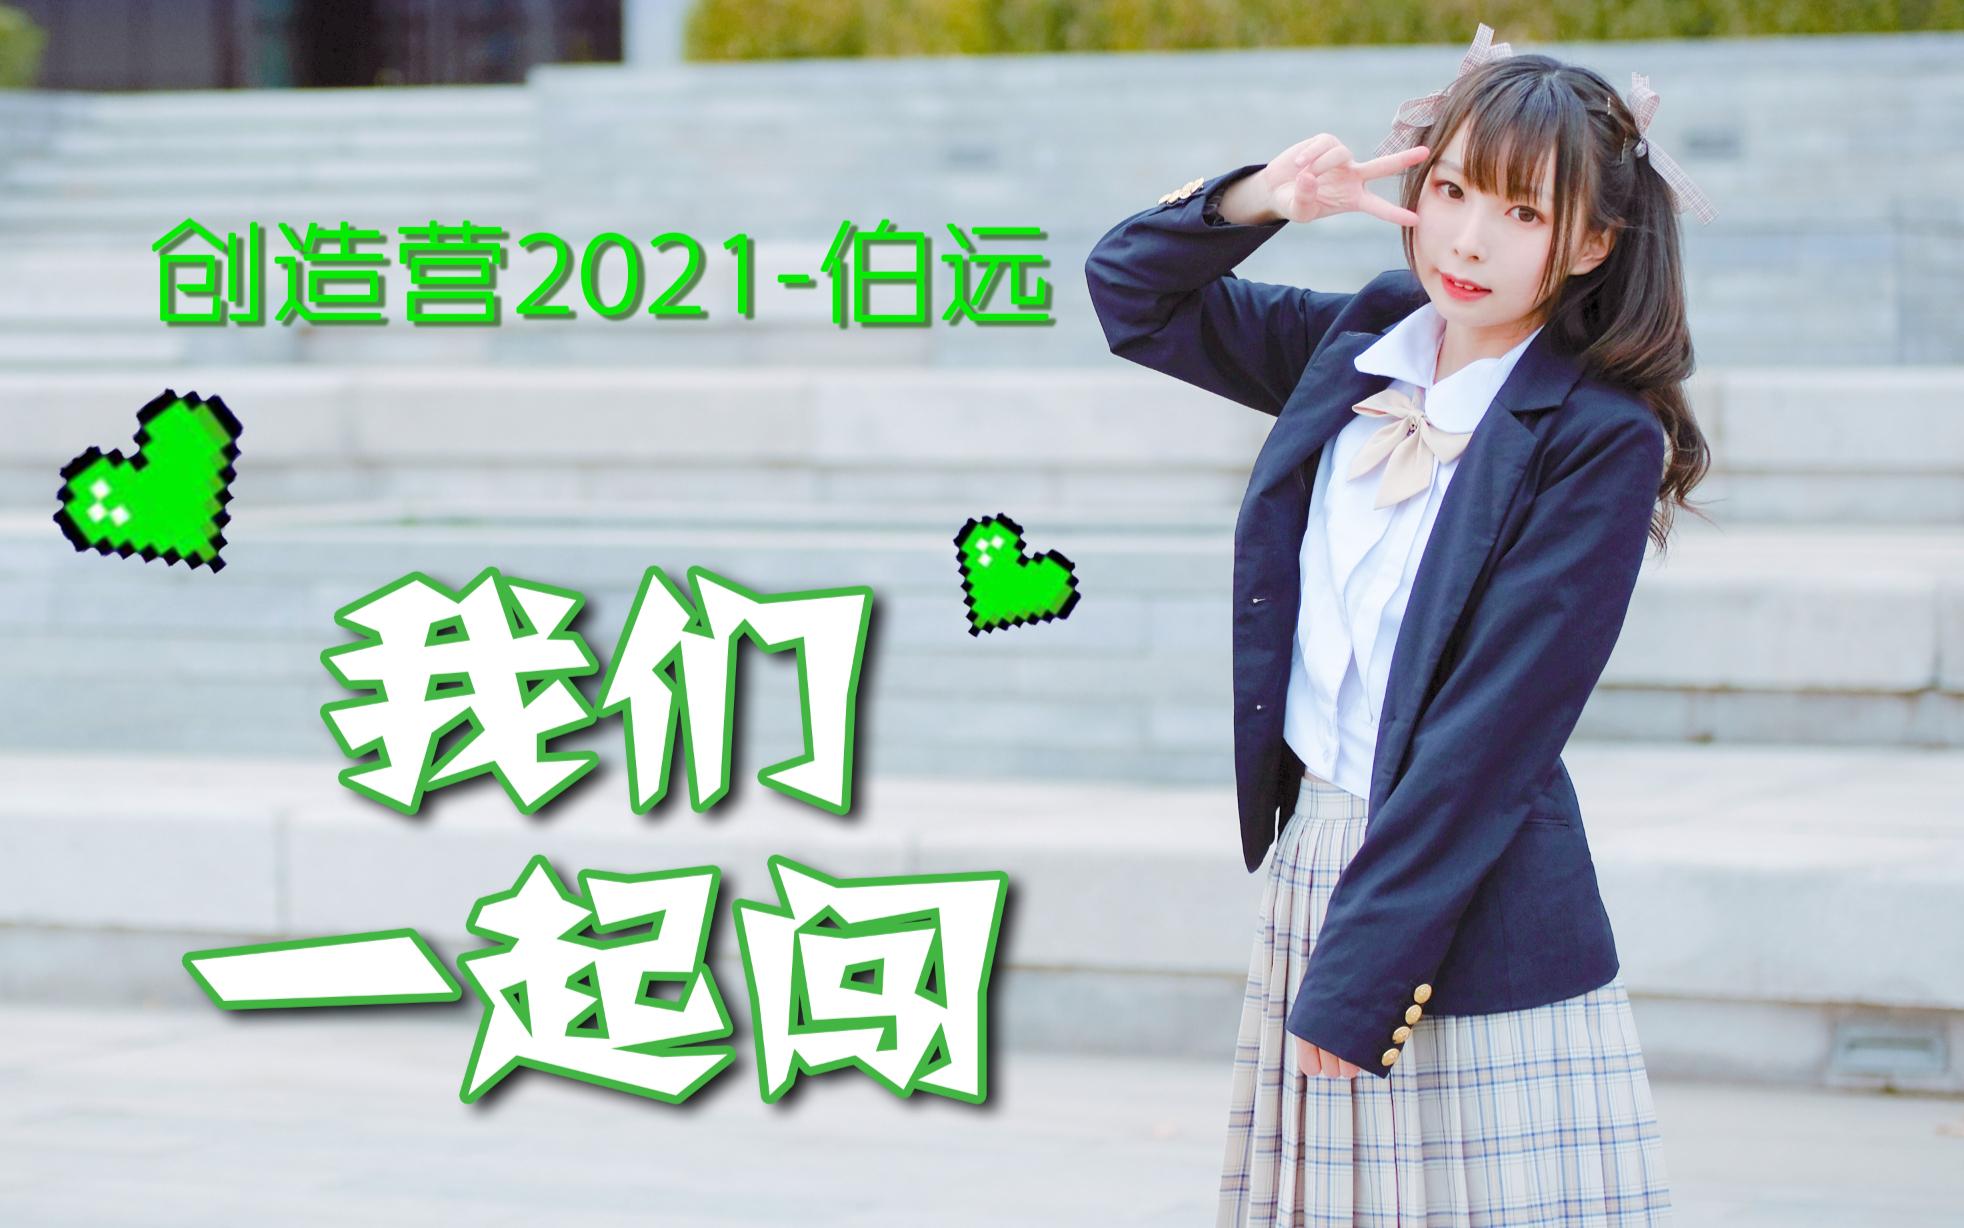 【祁喵】我们一起闯创造营2021伯远&张星特 冲冲冲!!!